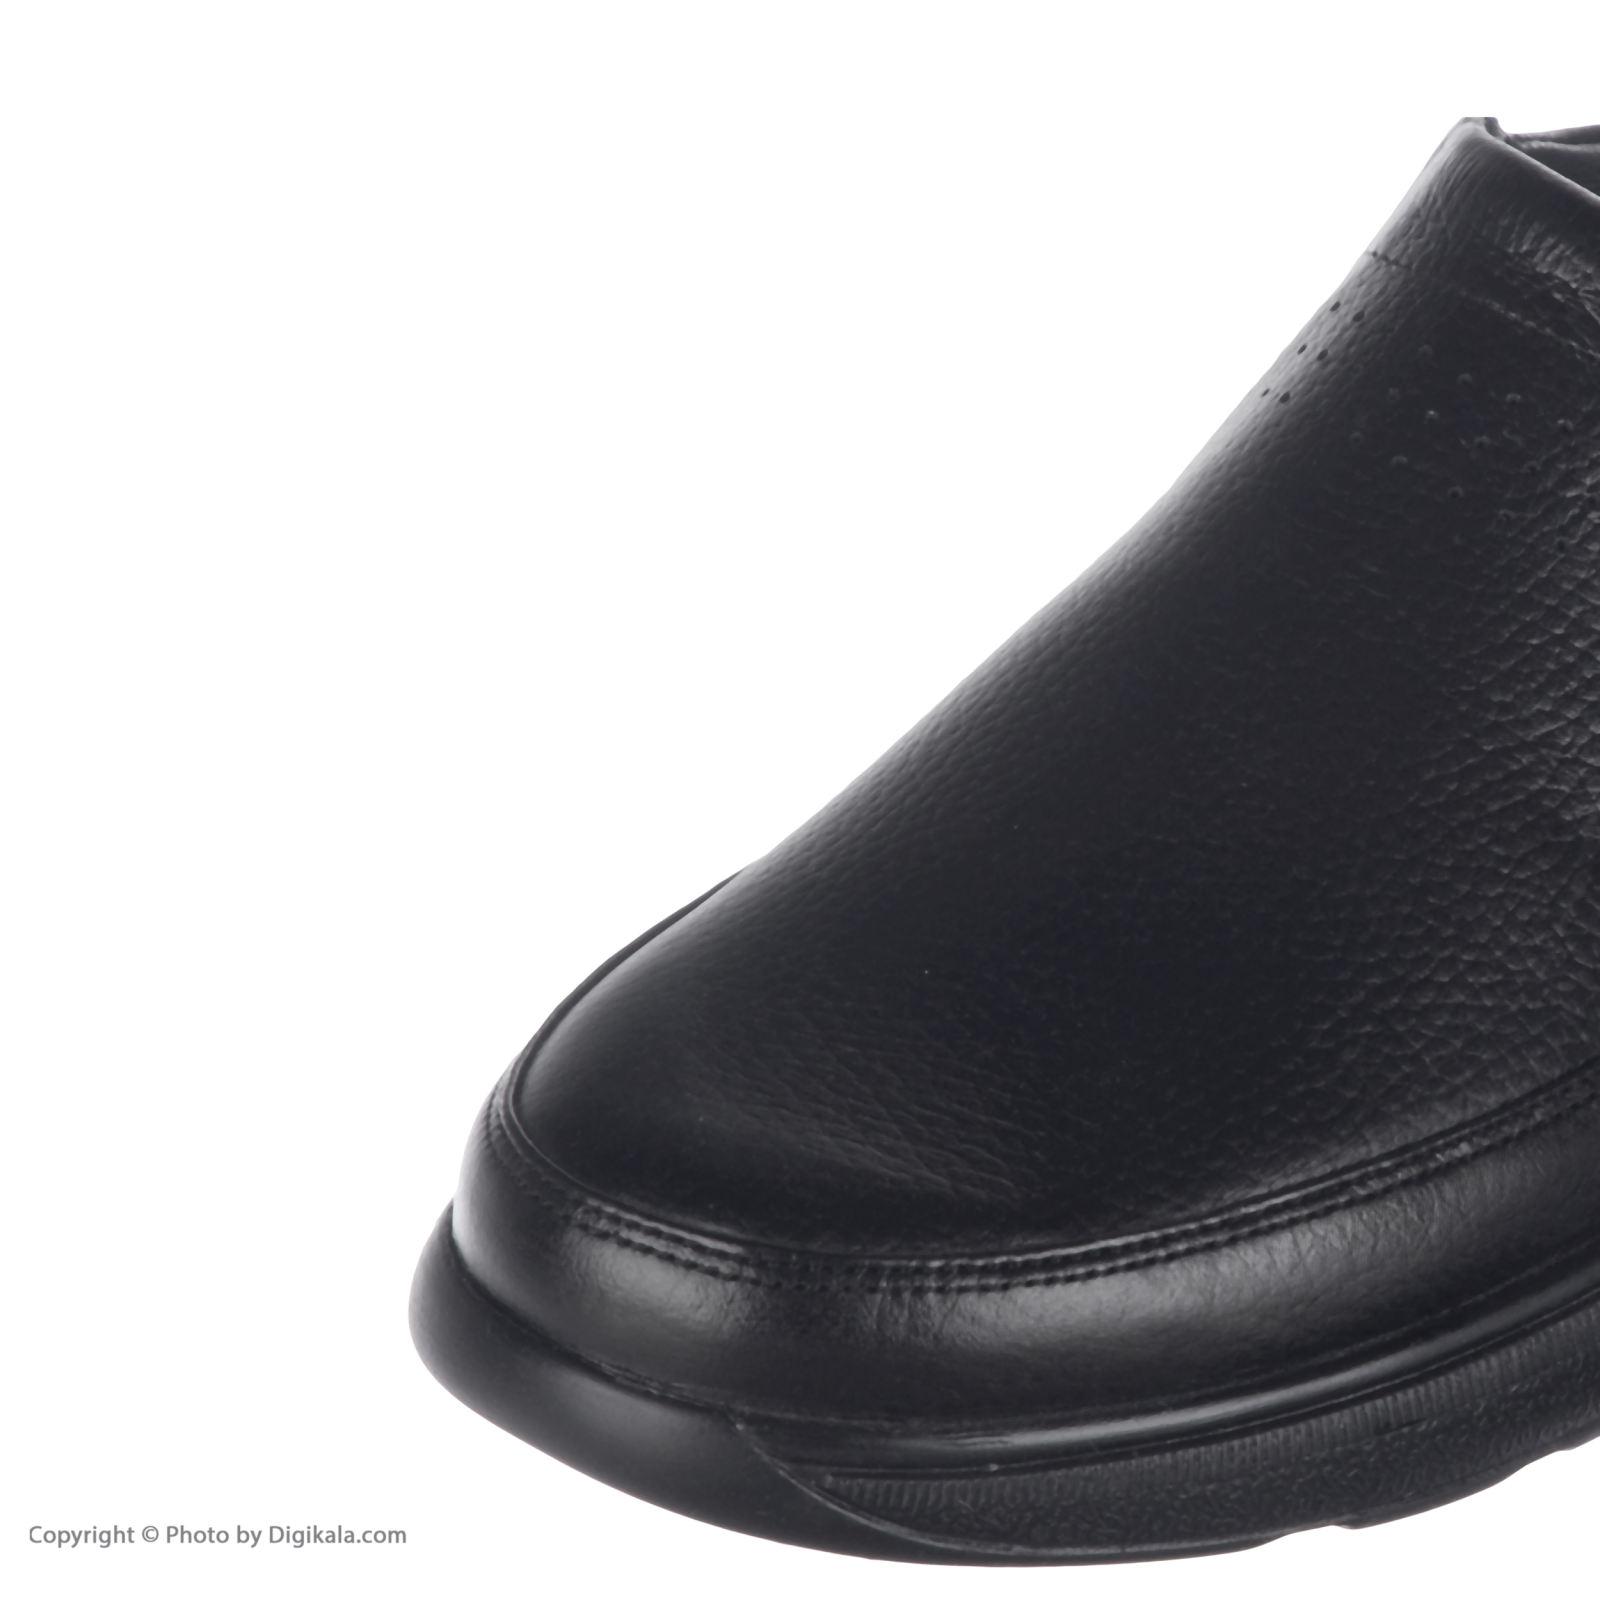 کفش روزمره مردانه دانادل مدل 8605A503101 -  - 6